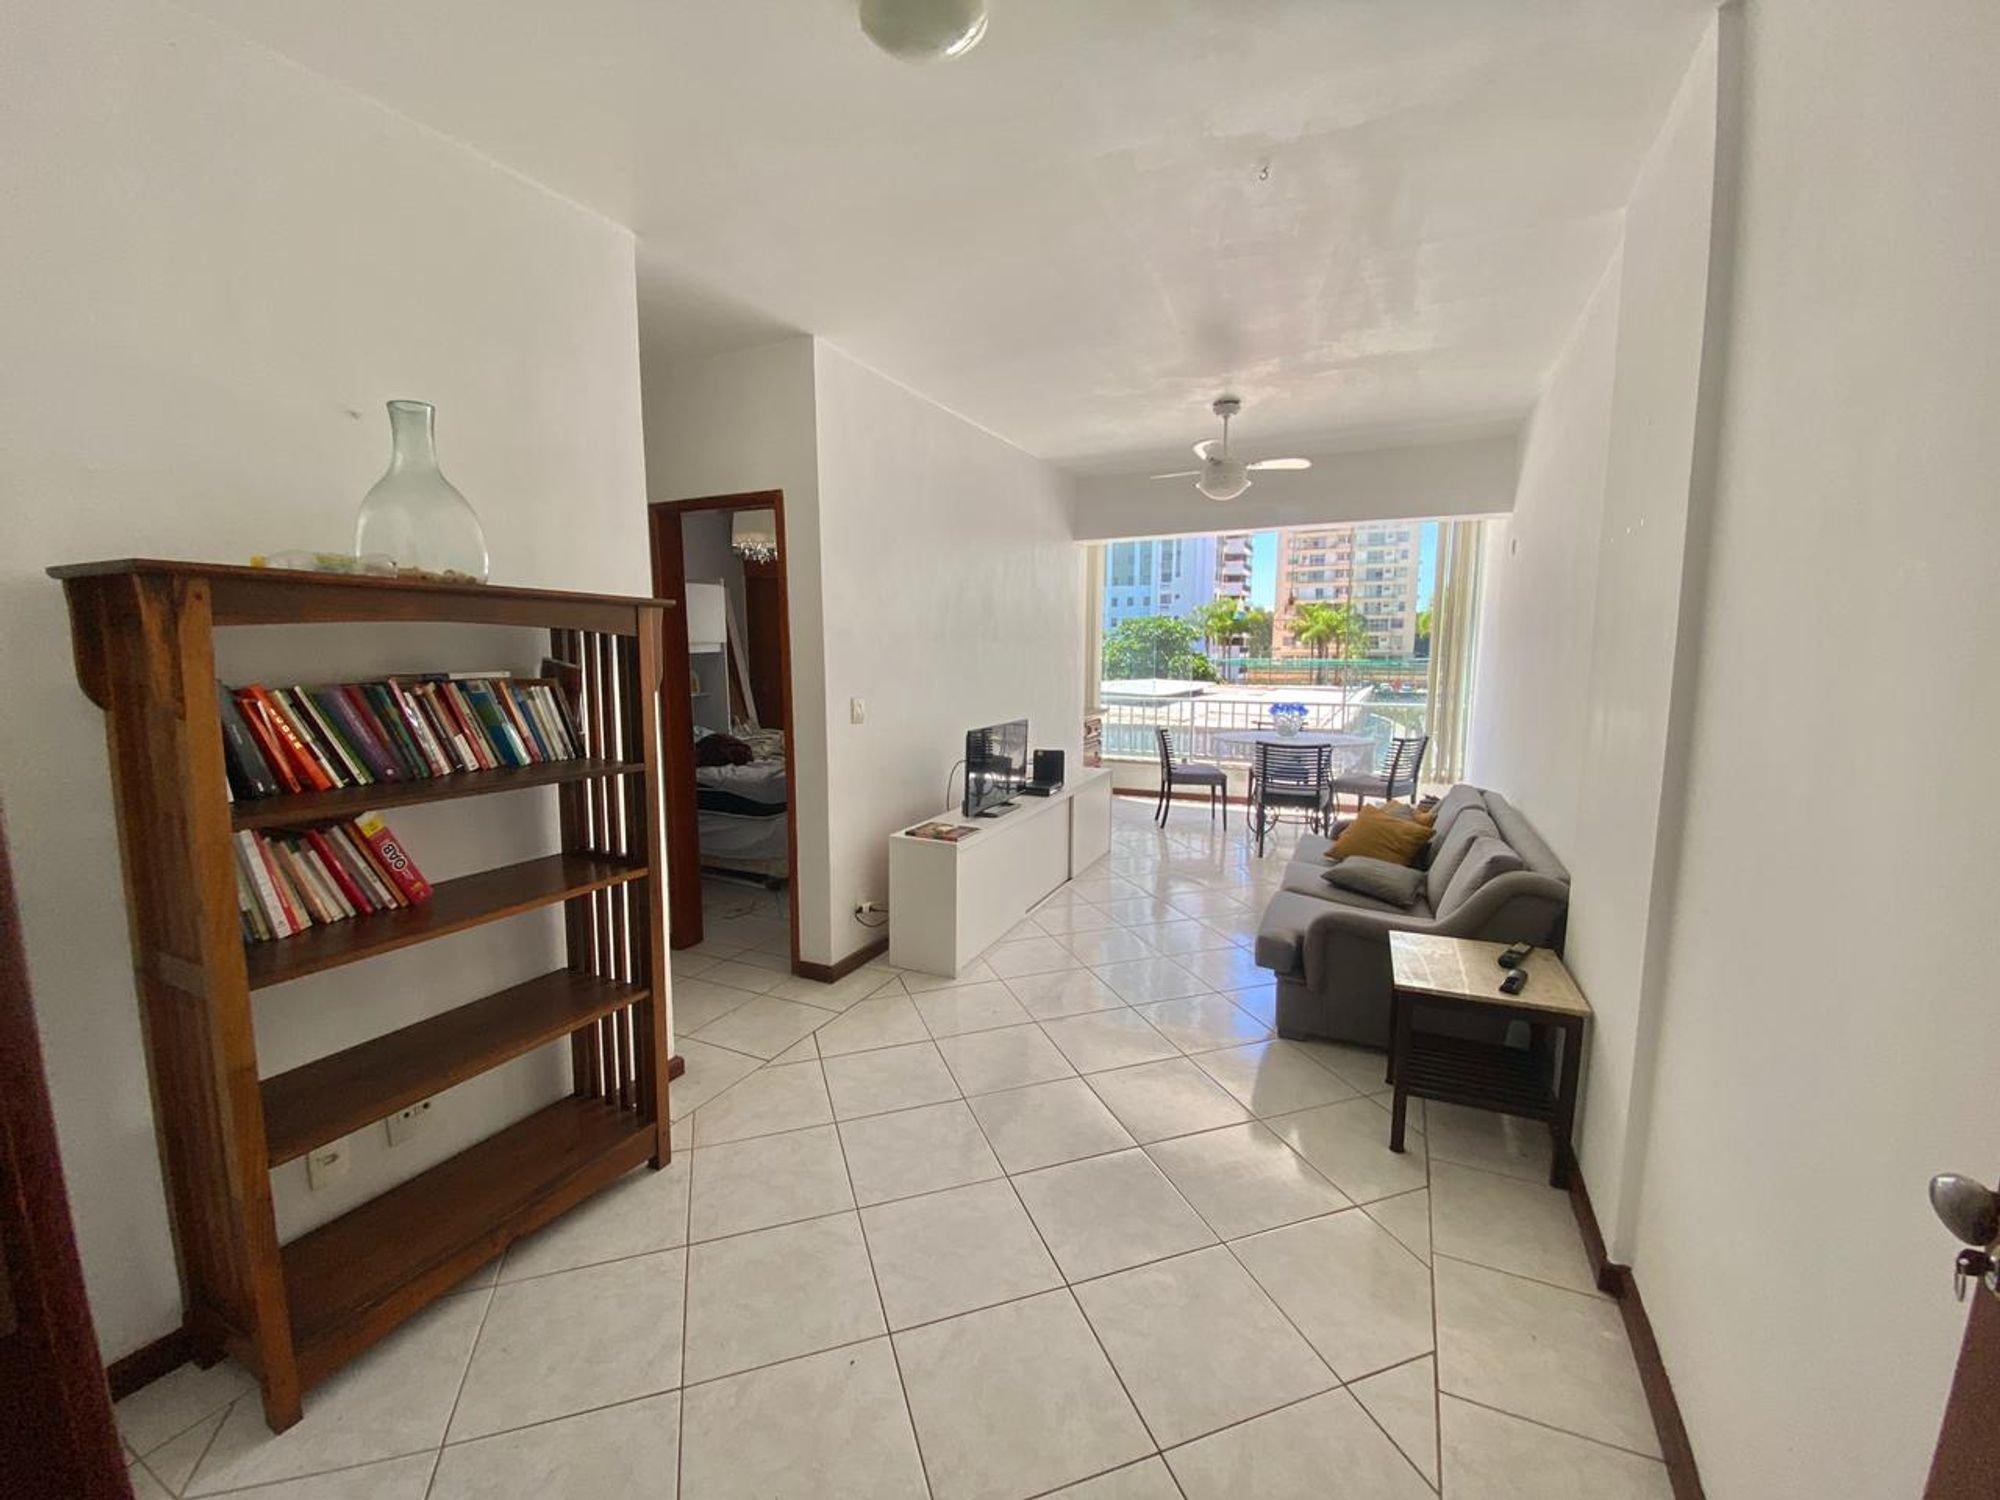 Foto de Sala com sofá, garrafa, cadeira, livro